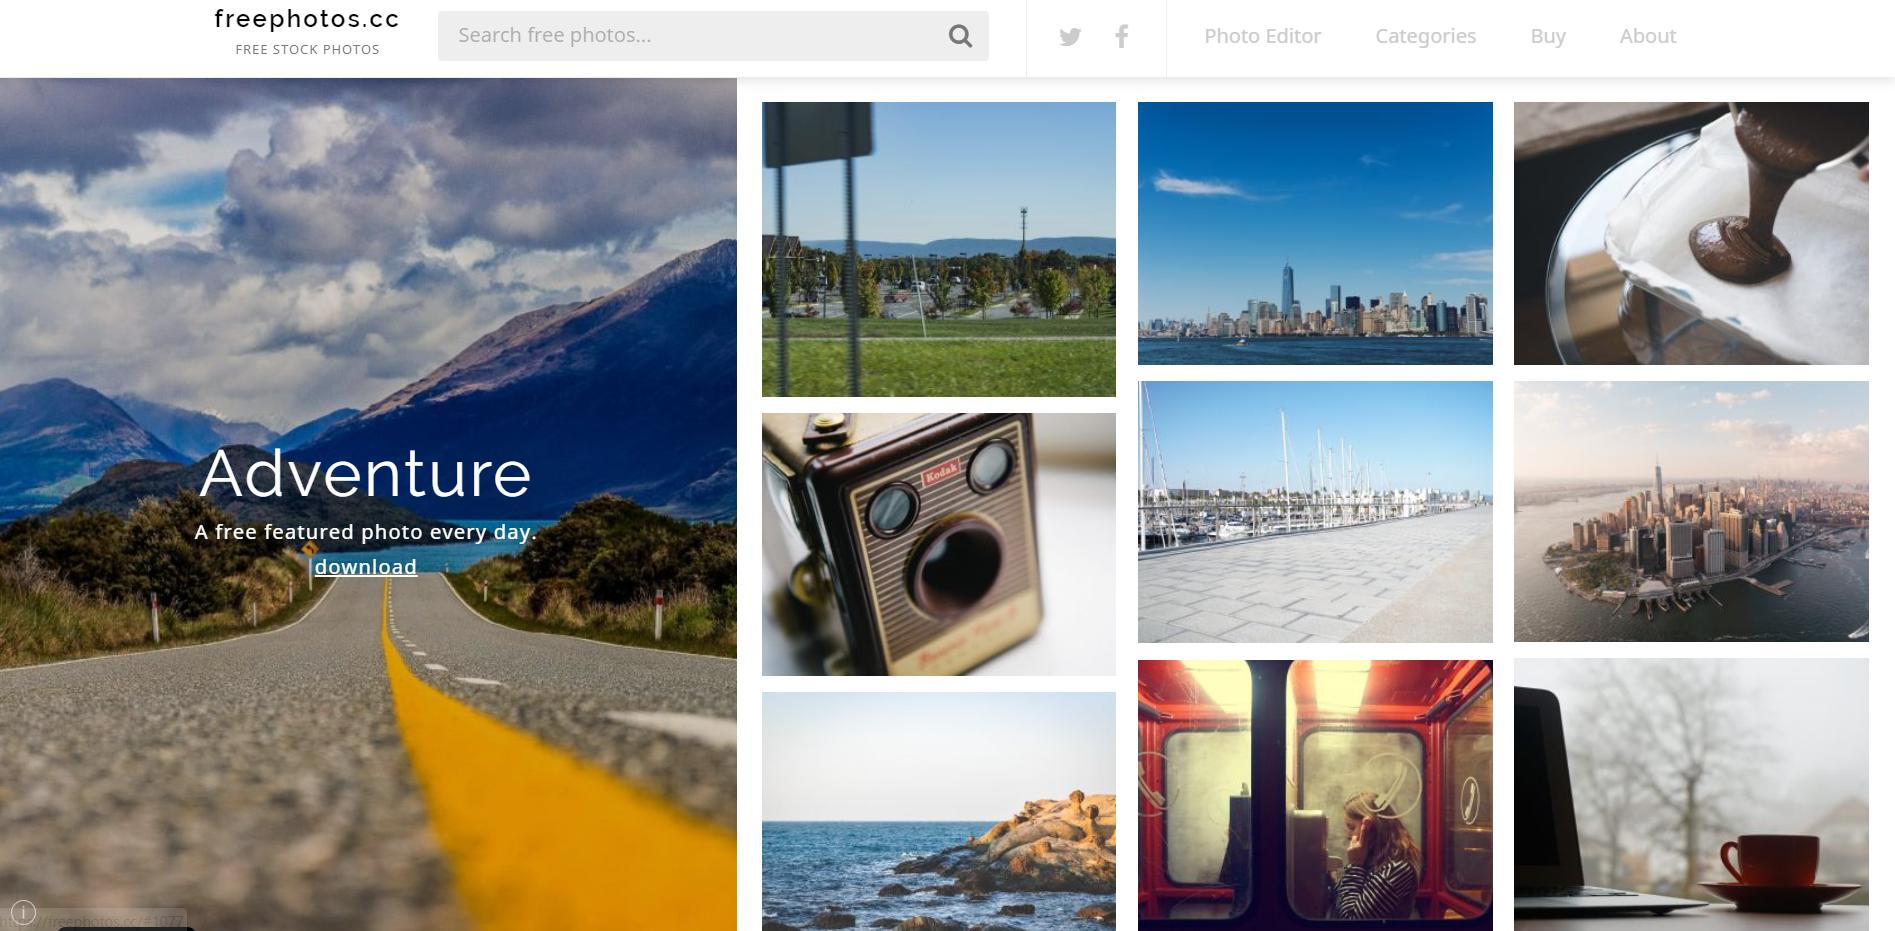 70 Bancos de Imagens Grátis Sites de Fotos Gratuitas 3